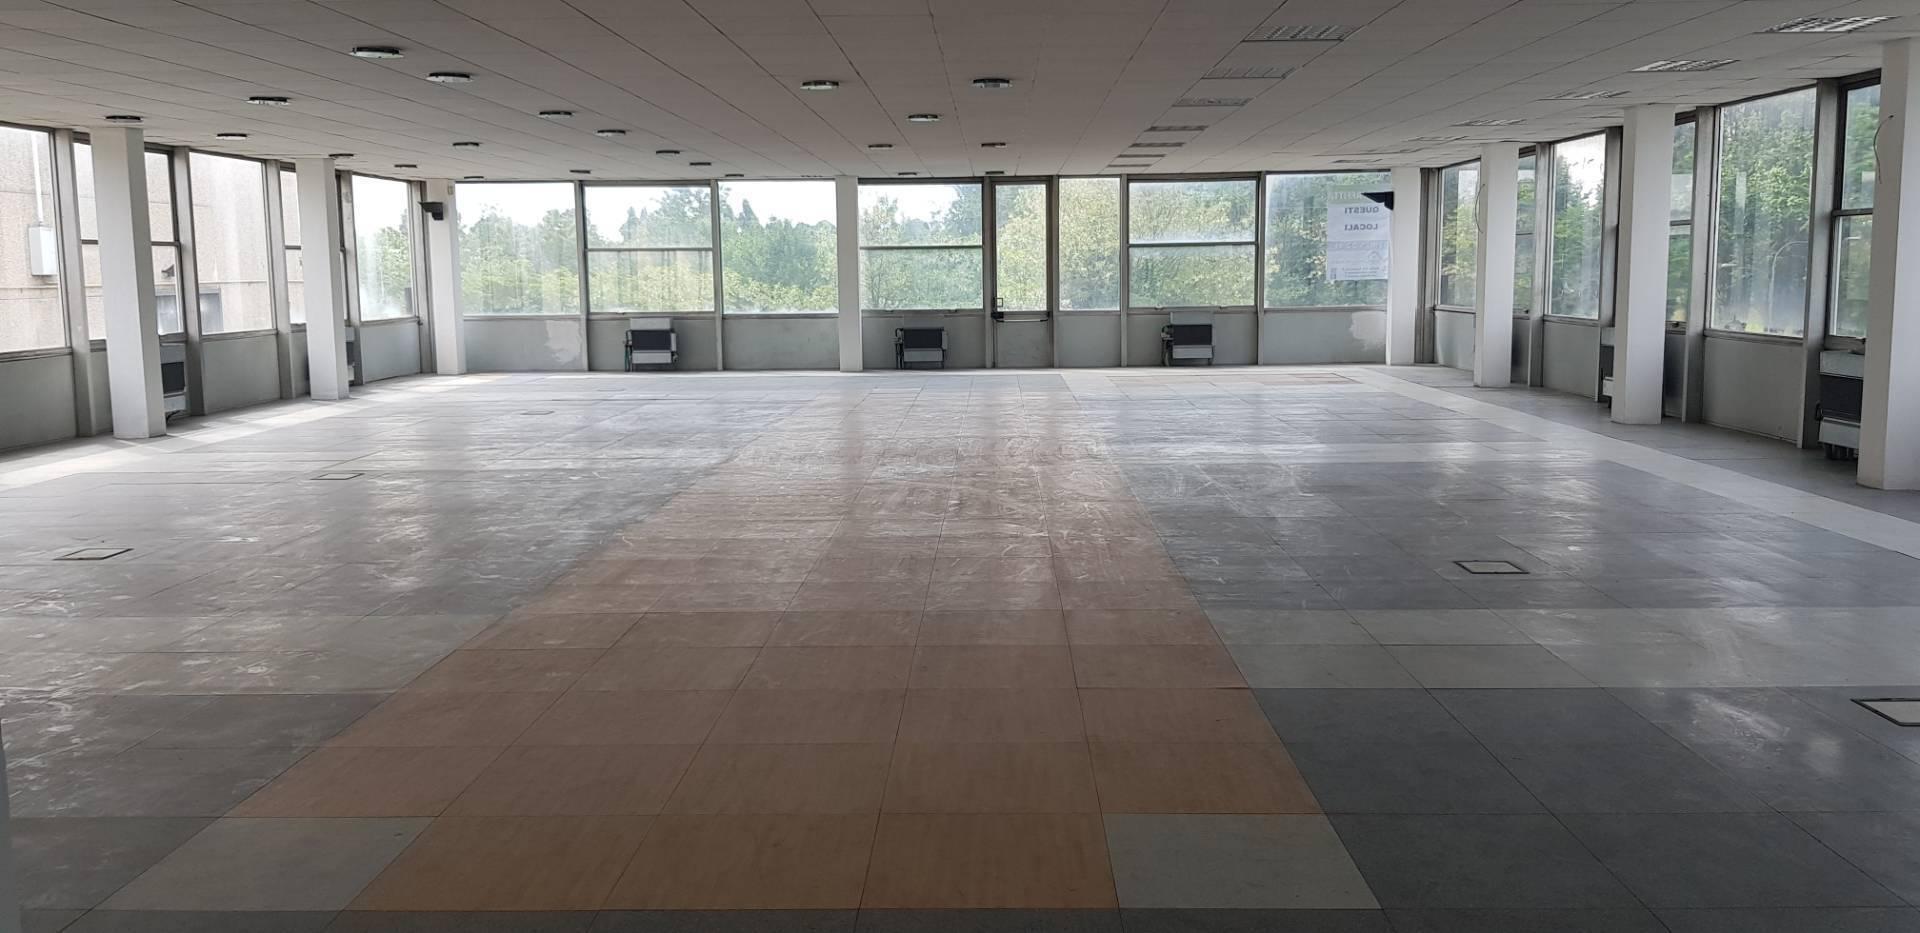 Ufficio / Studio in affitto a Vignate, 9999 locali, prezzo € 2.000 | PortaleAgenzieImmobiliari.it